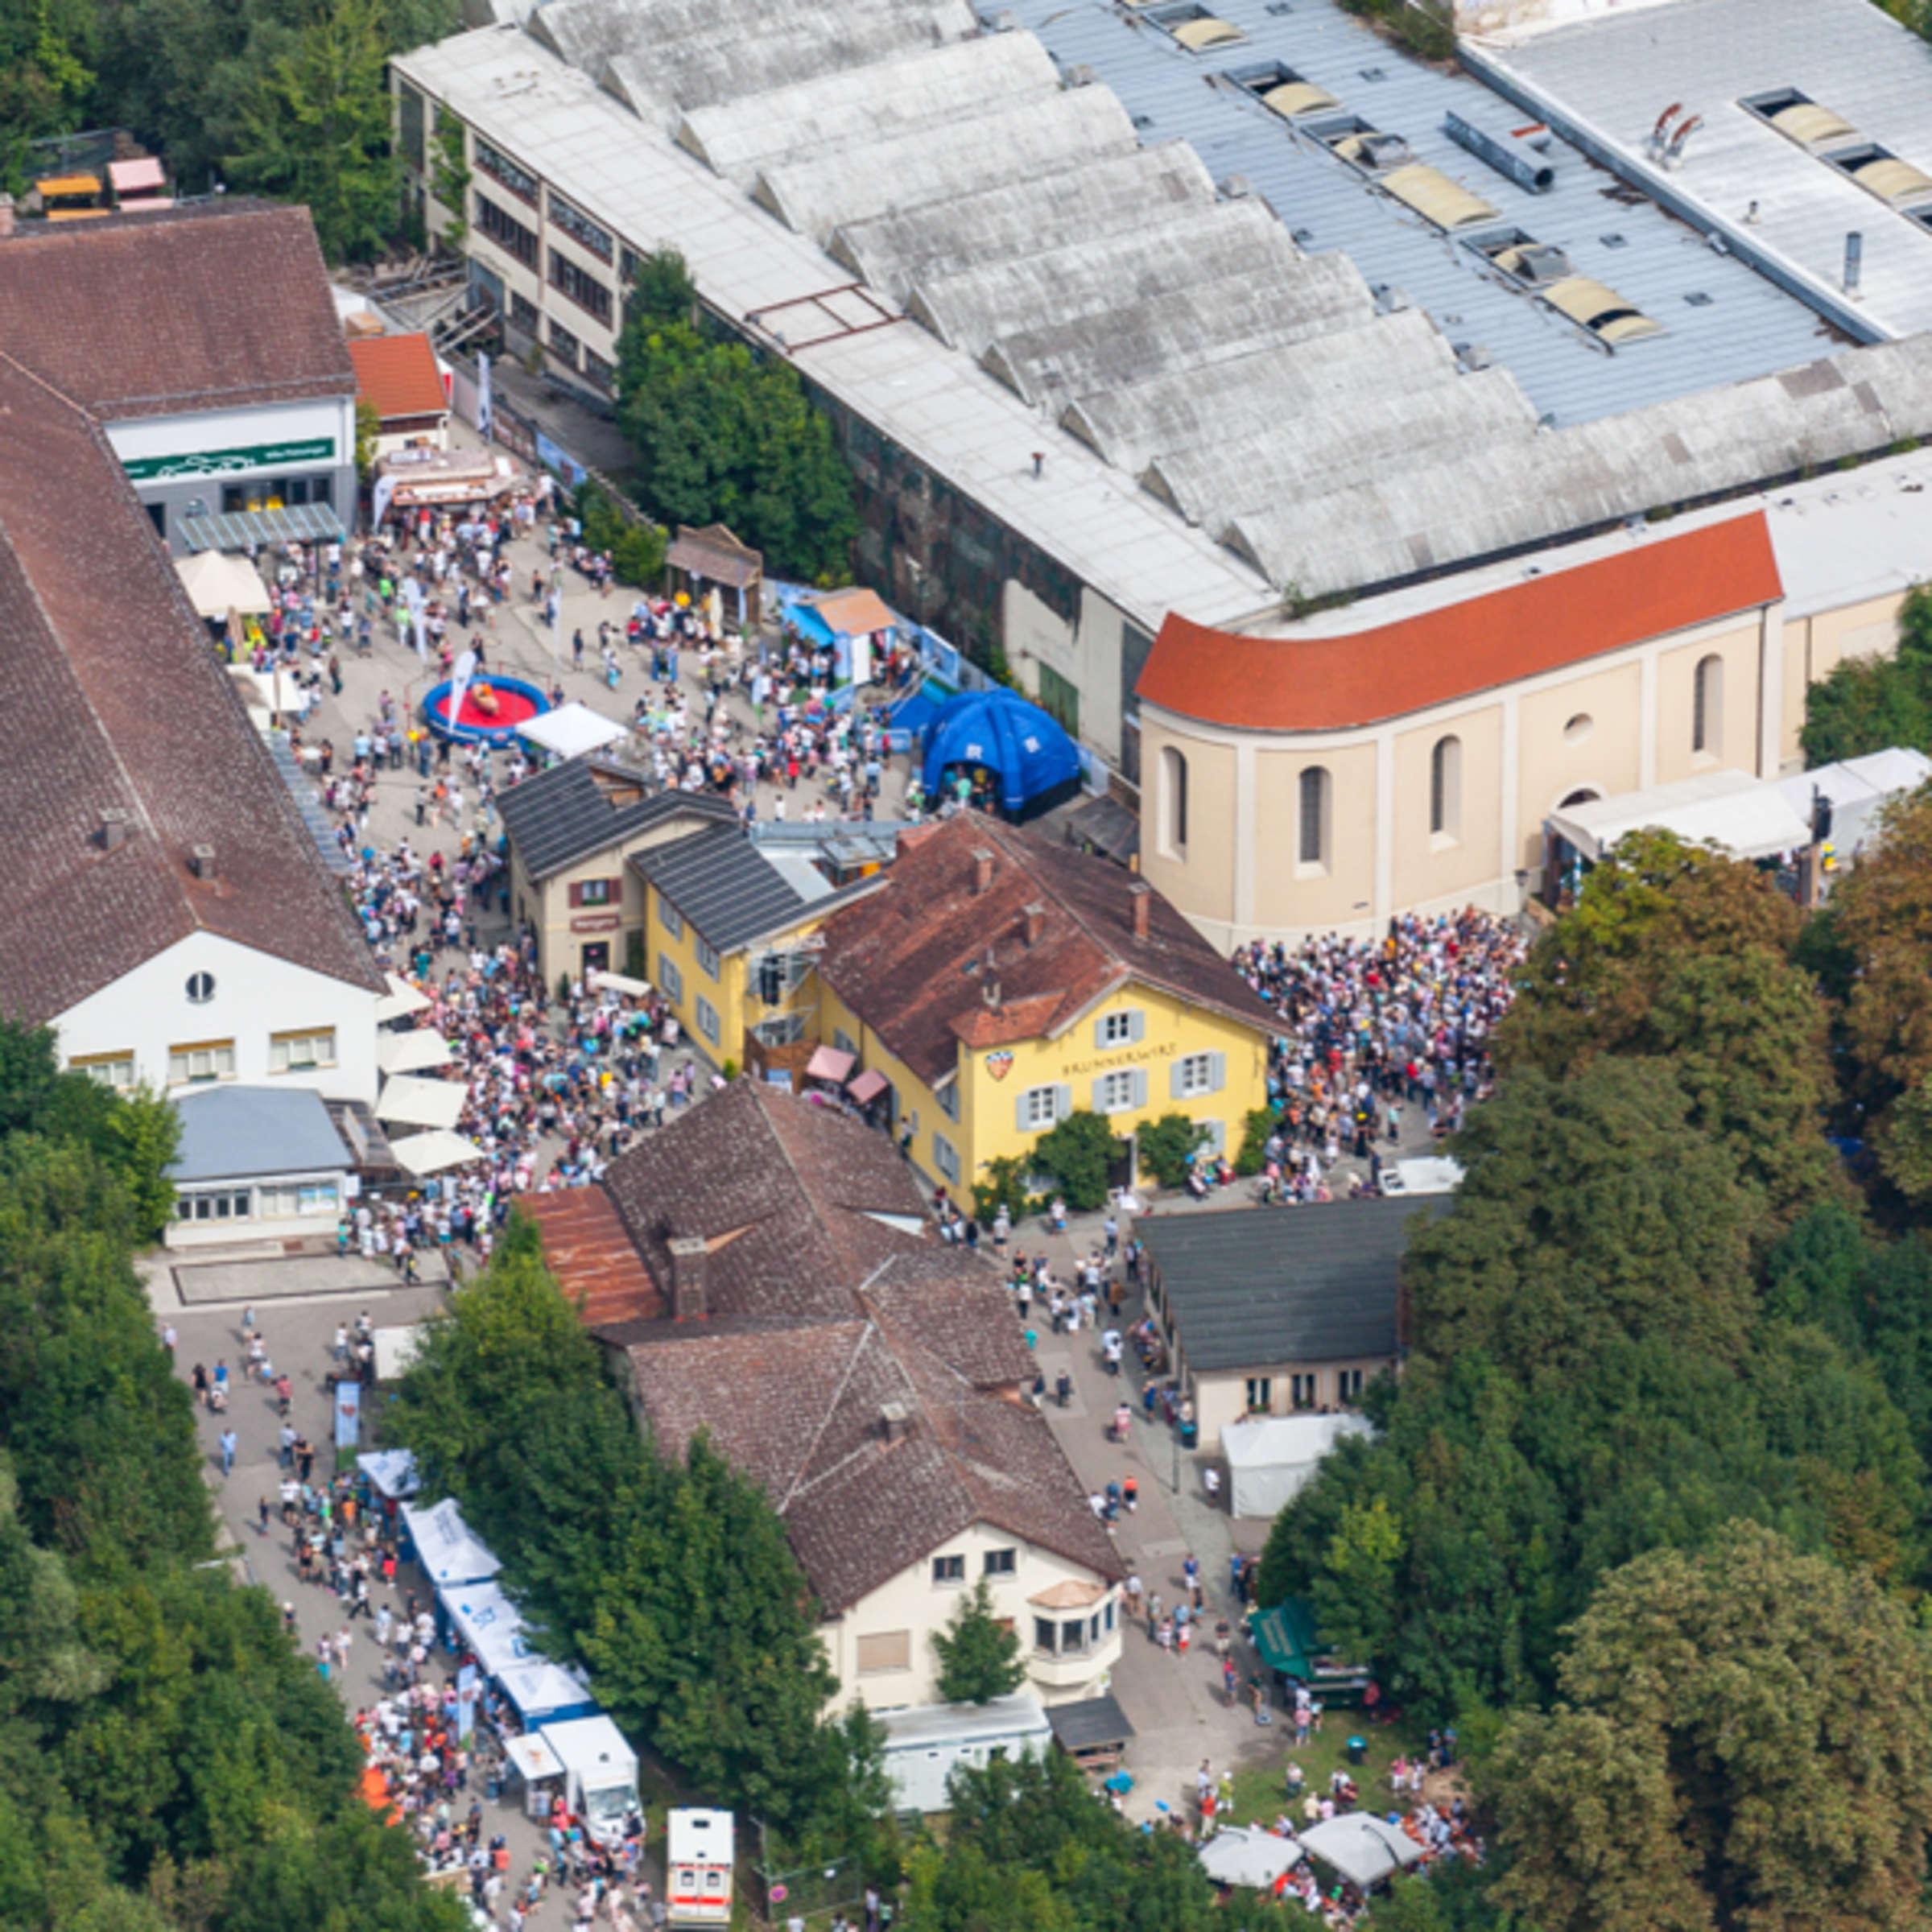 Br Setzt Dahoam Is Dahoam Fort Dachau